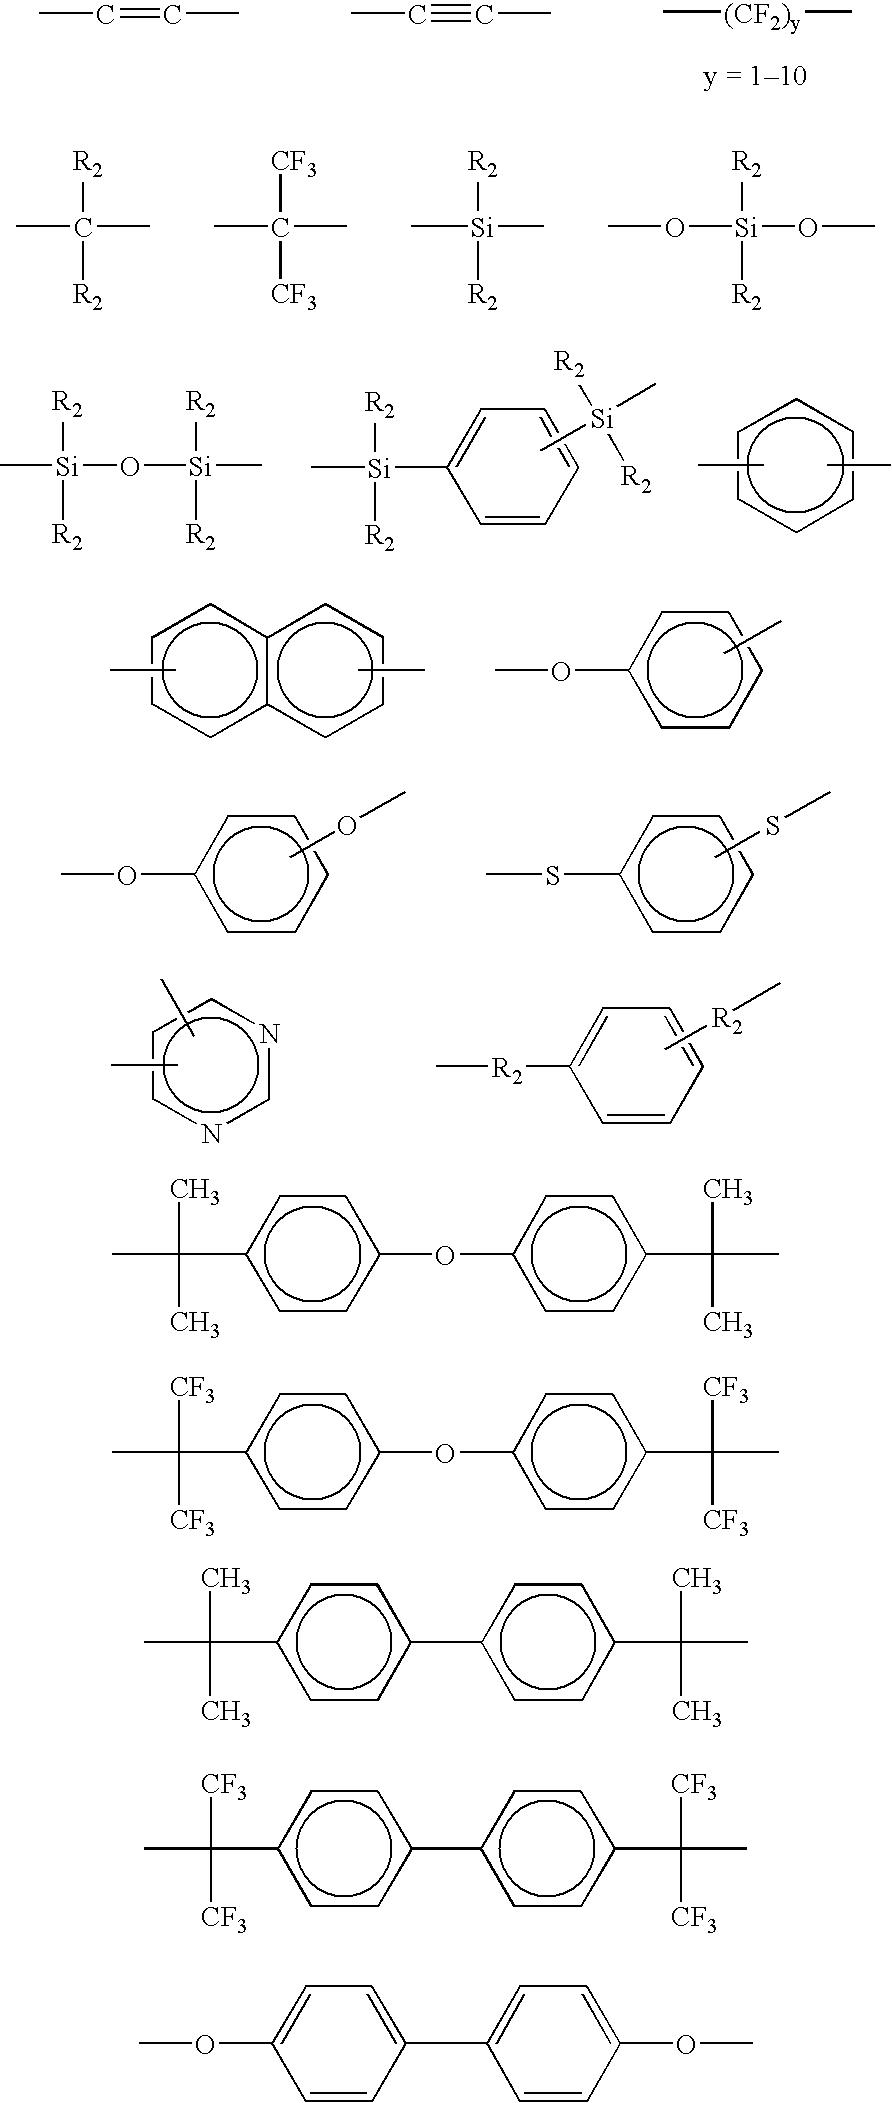 Figure US20060145149A1-20060706-C00002